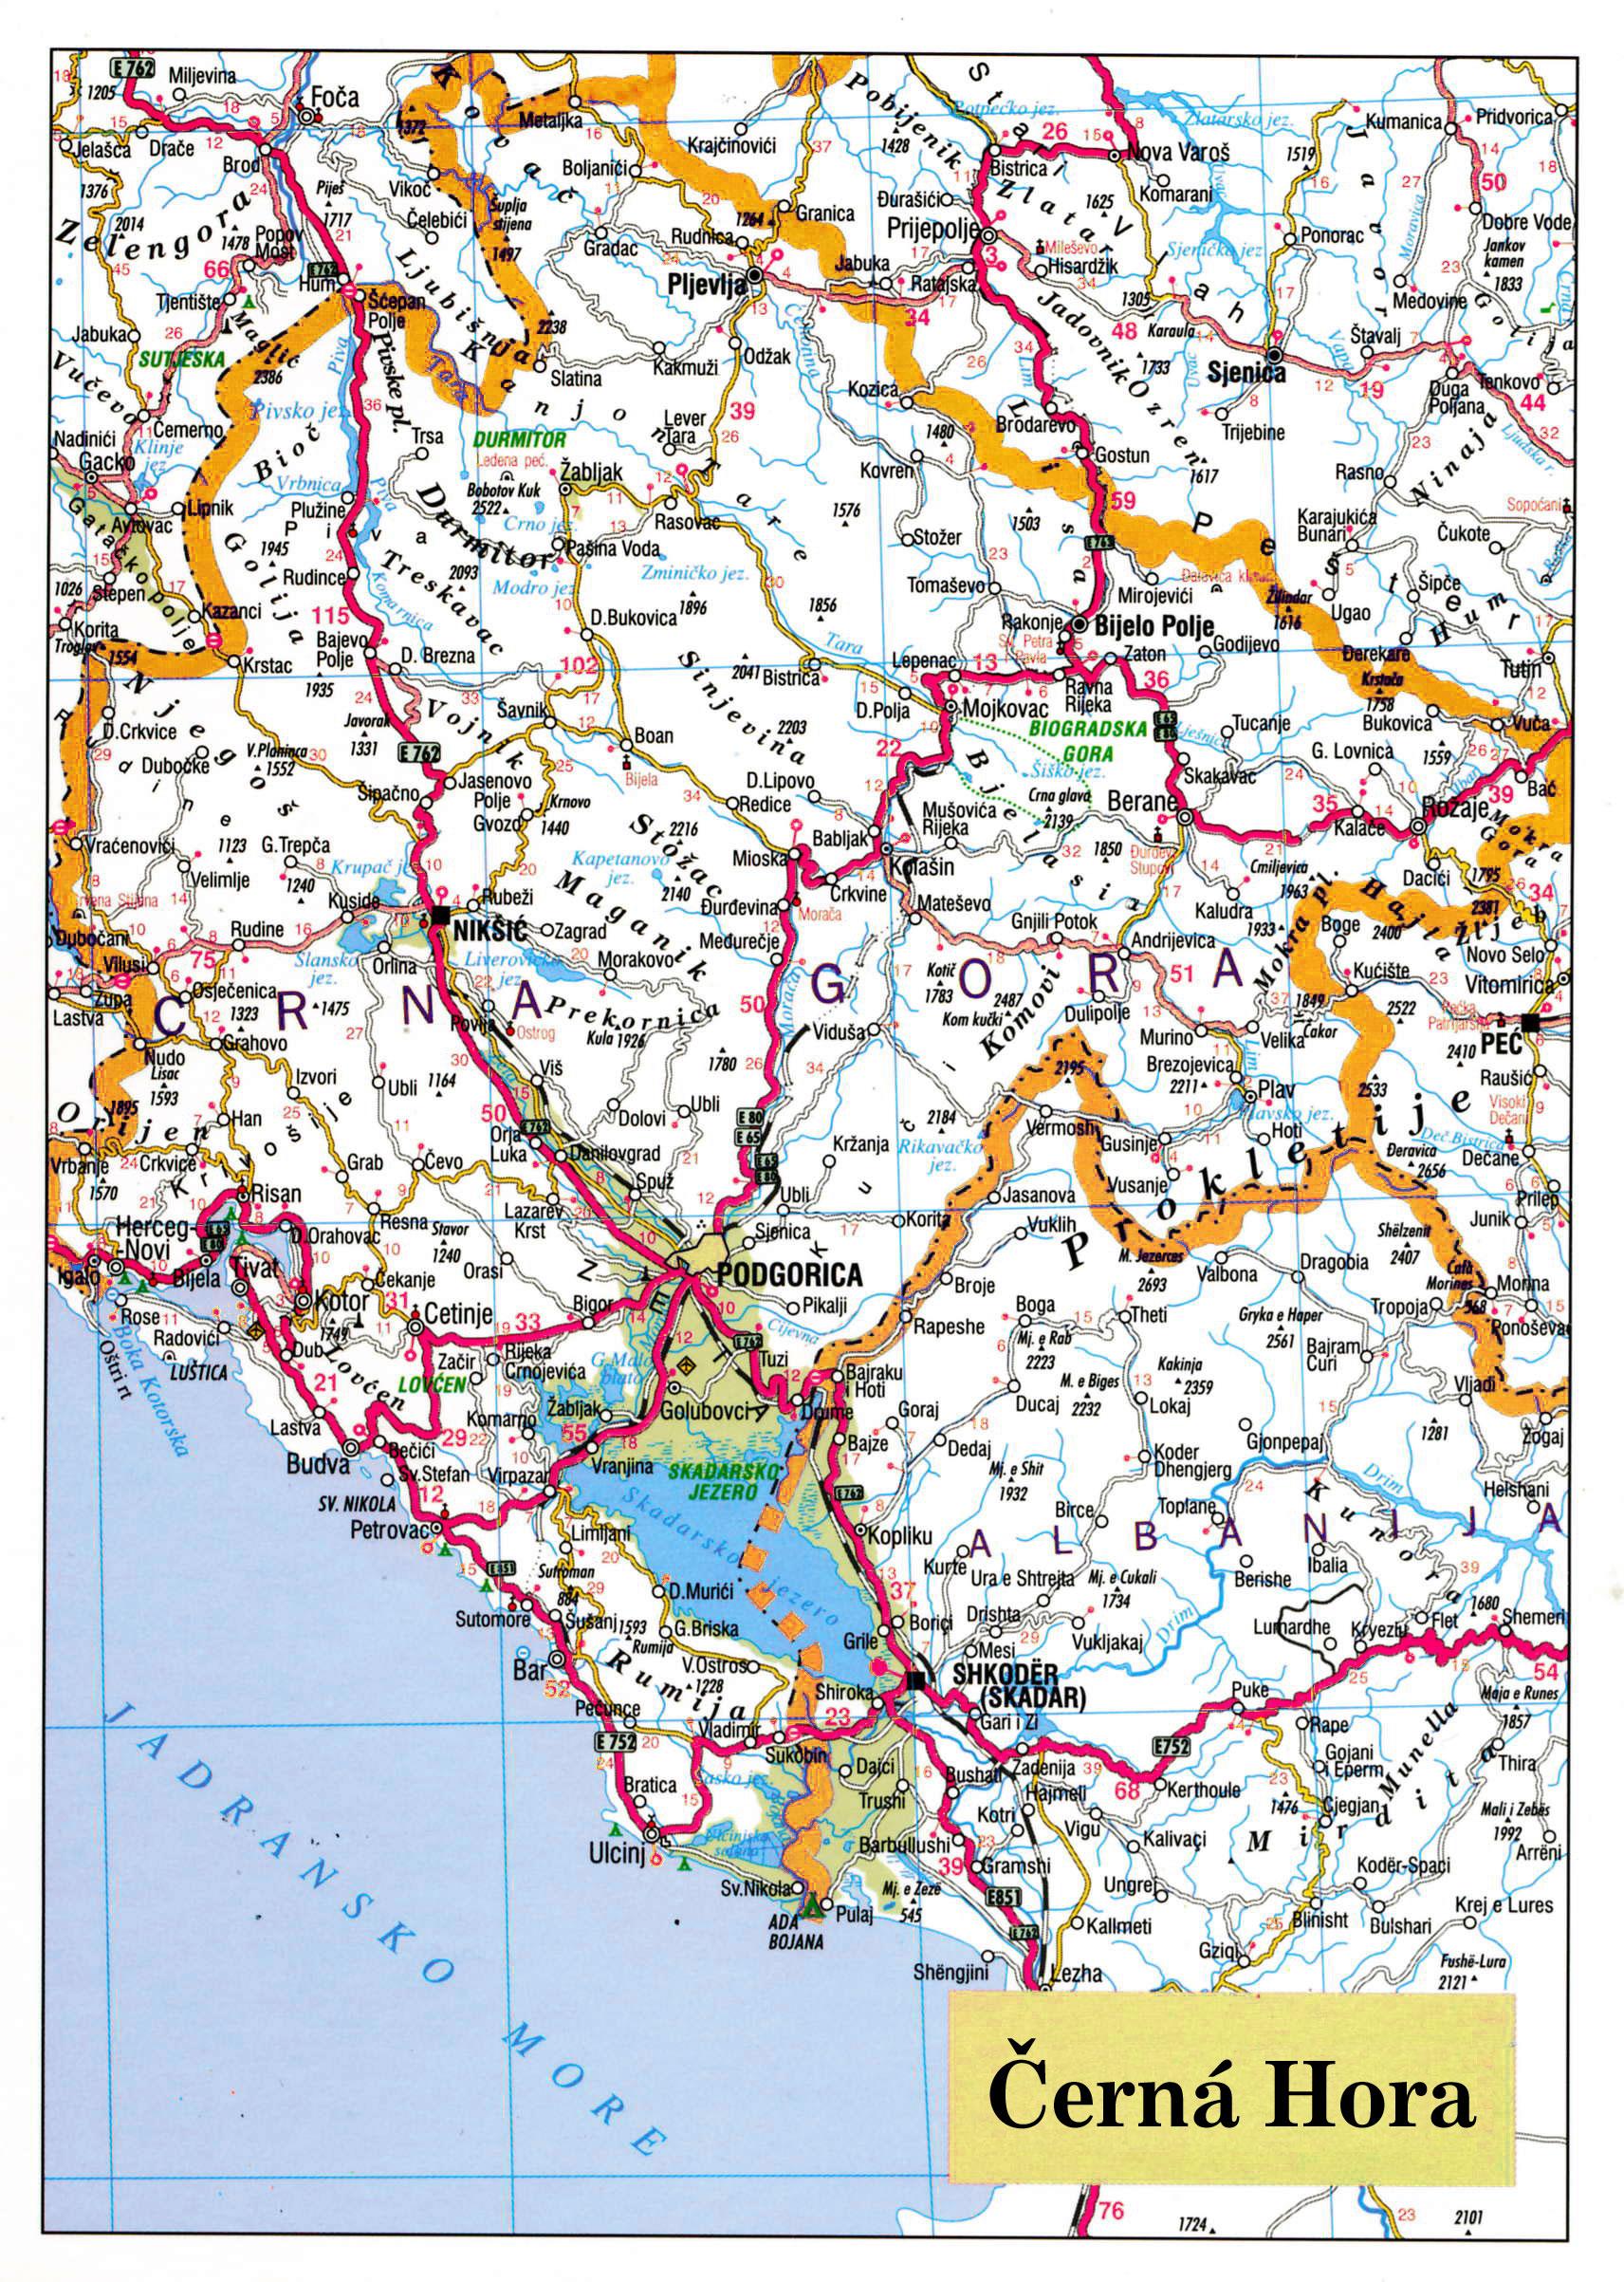 Mapa Cerna Hora